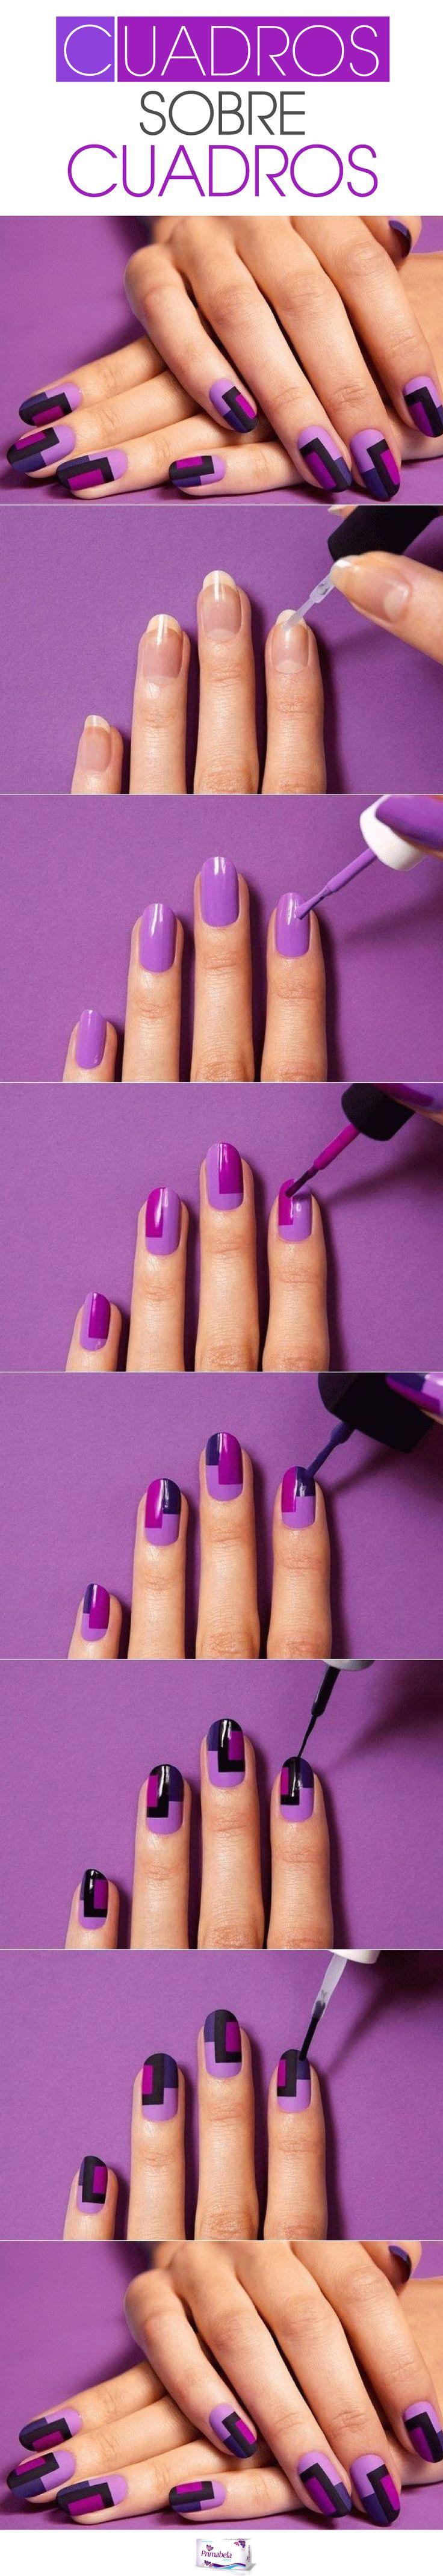 Animate a lucir diferente hasta en tus uñas.  #Nails #Style #DIY #Women #Primabela